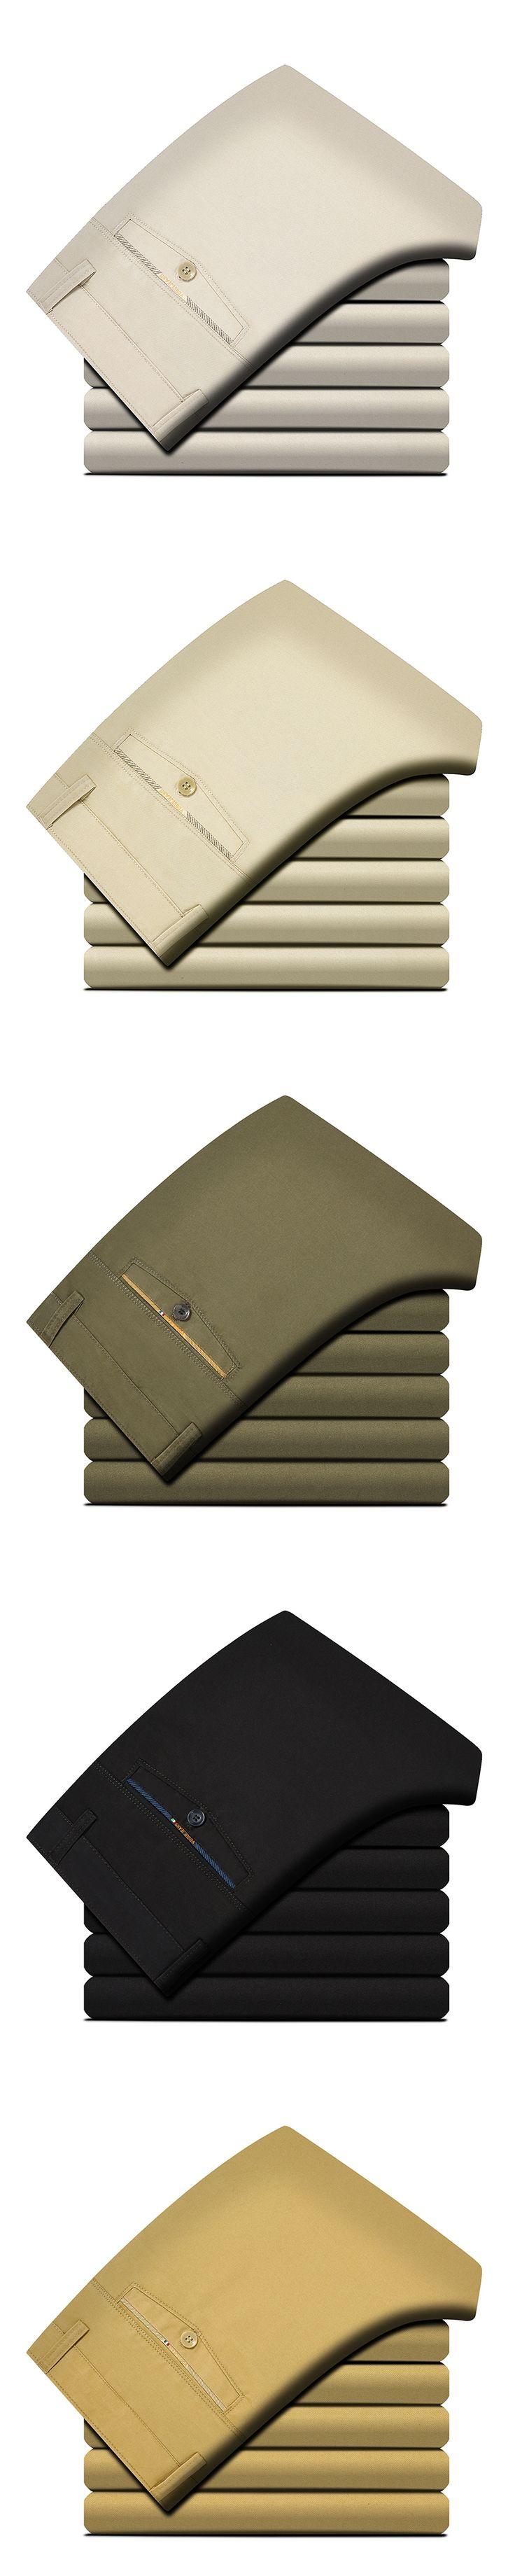 Port&Lotus  100% Cotton Fashion Men Pants Mid Waistline Trousers Men Clothing Size 28 to 40 Men Pants TS003 wholesale